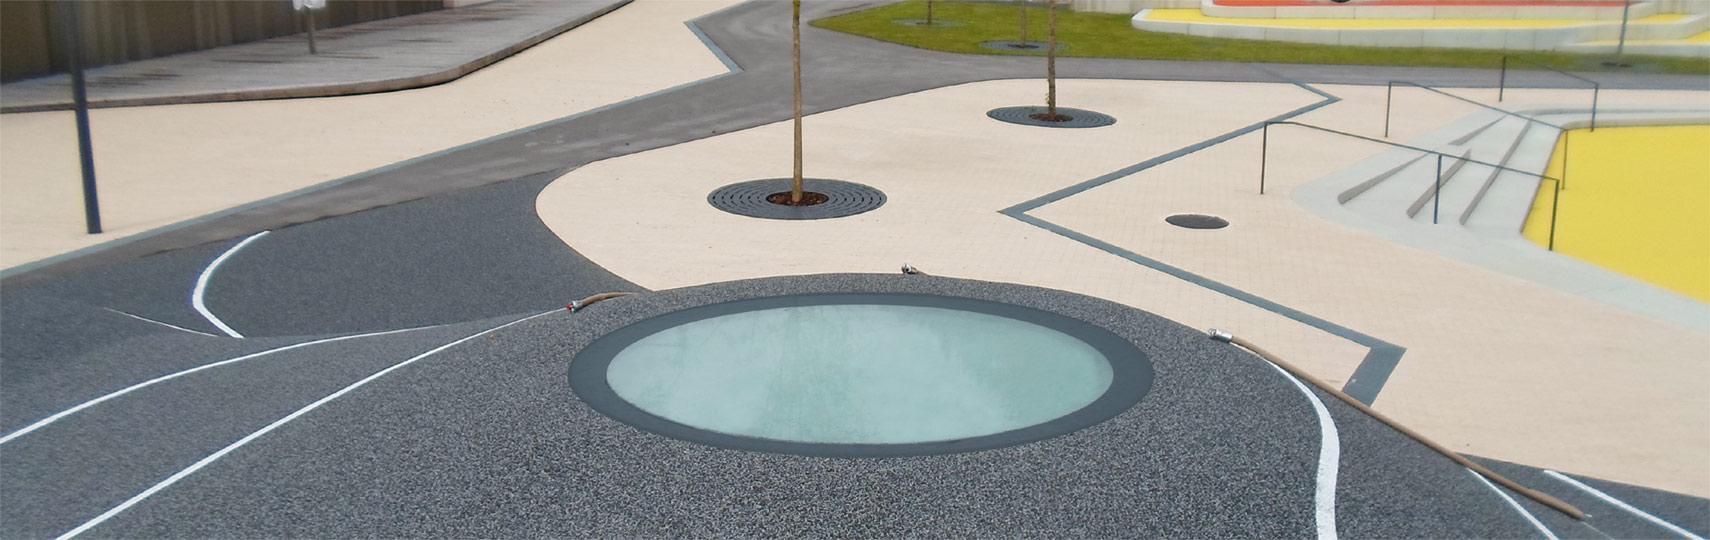 Runde, begehbare Design-Oberlichter auf einem Spielplatz